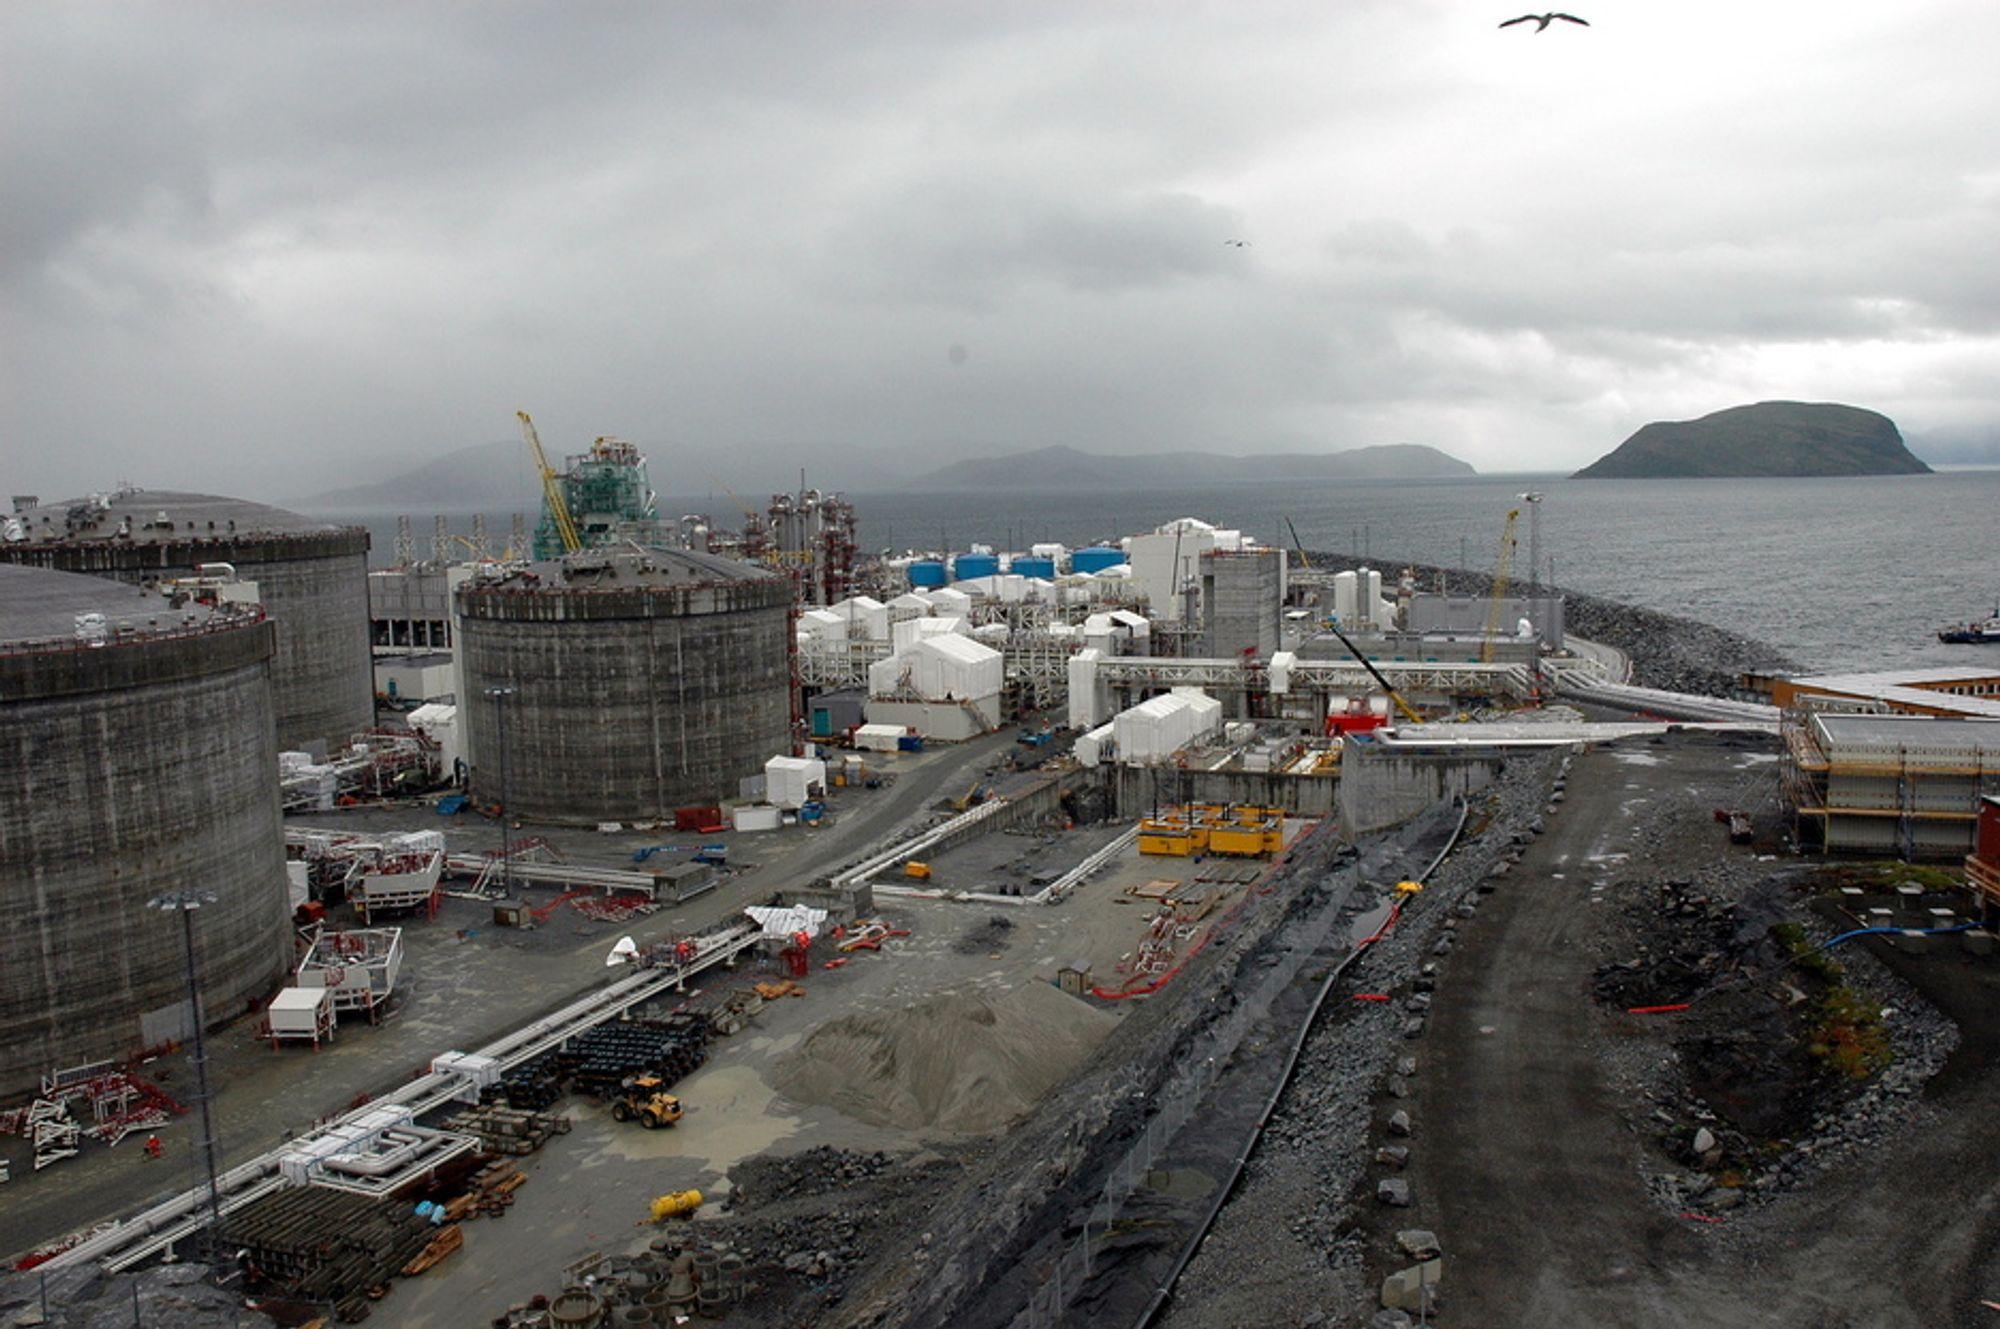 POSITIV TEST: Snart skal gass strømme til Melkøya for prosessering og utskiping. Første produksjonsbrønn ute i havet er nå testet og klargjort.